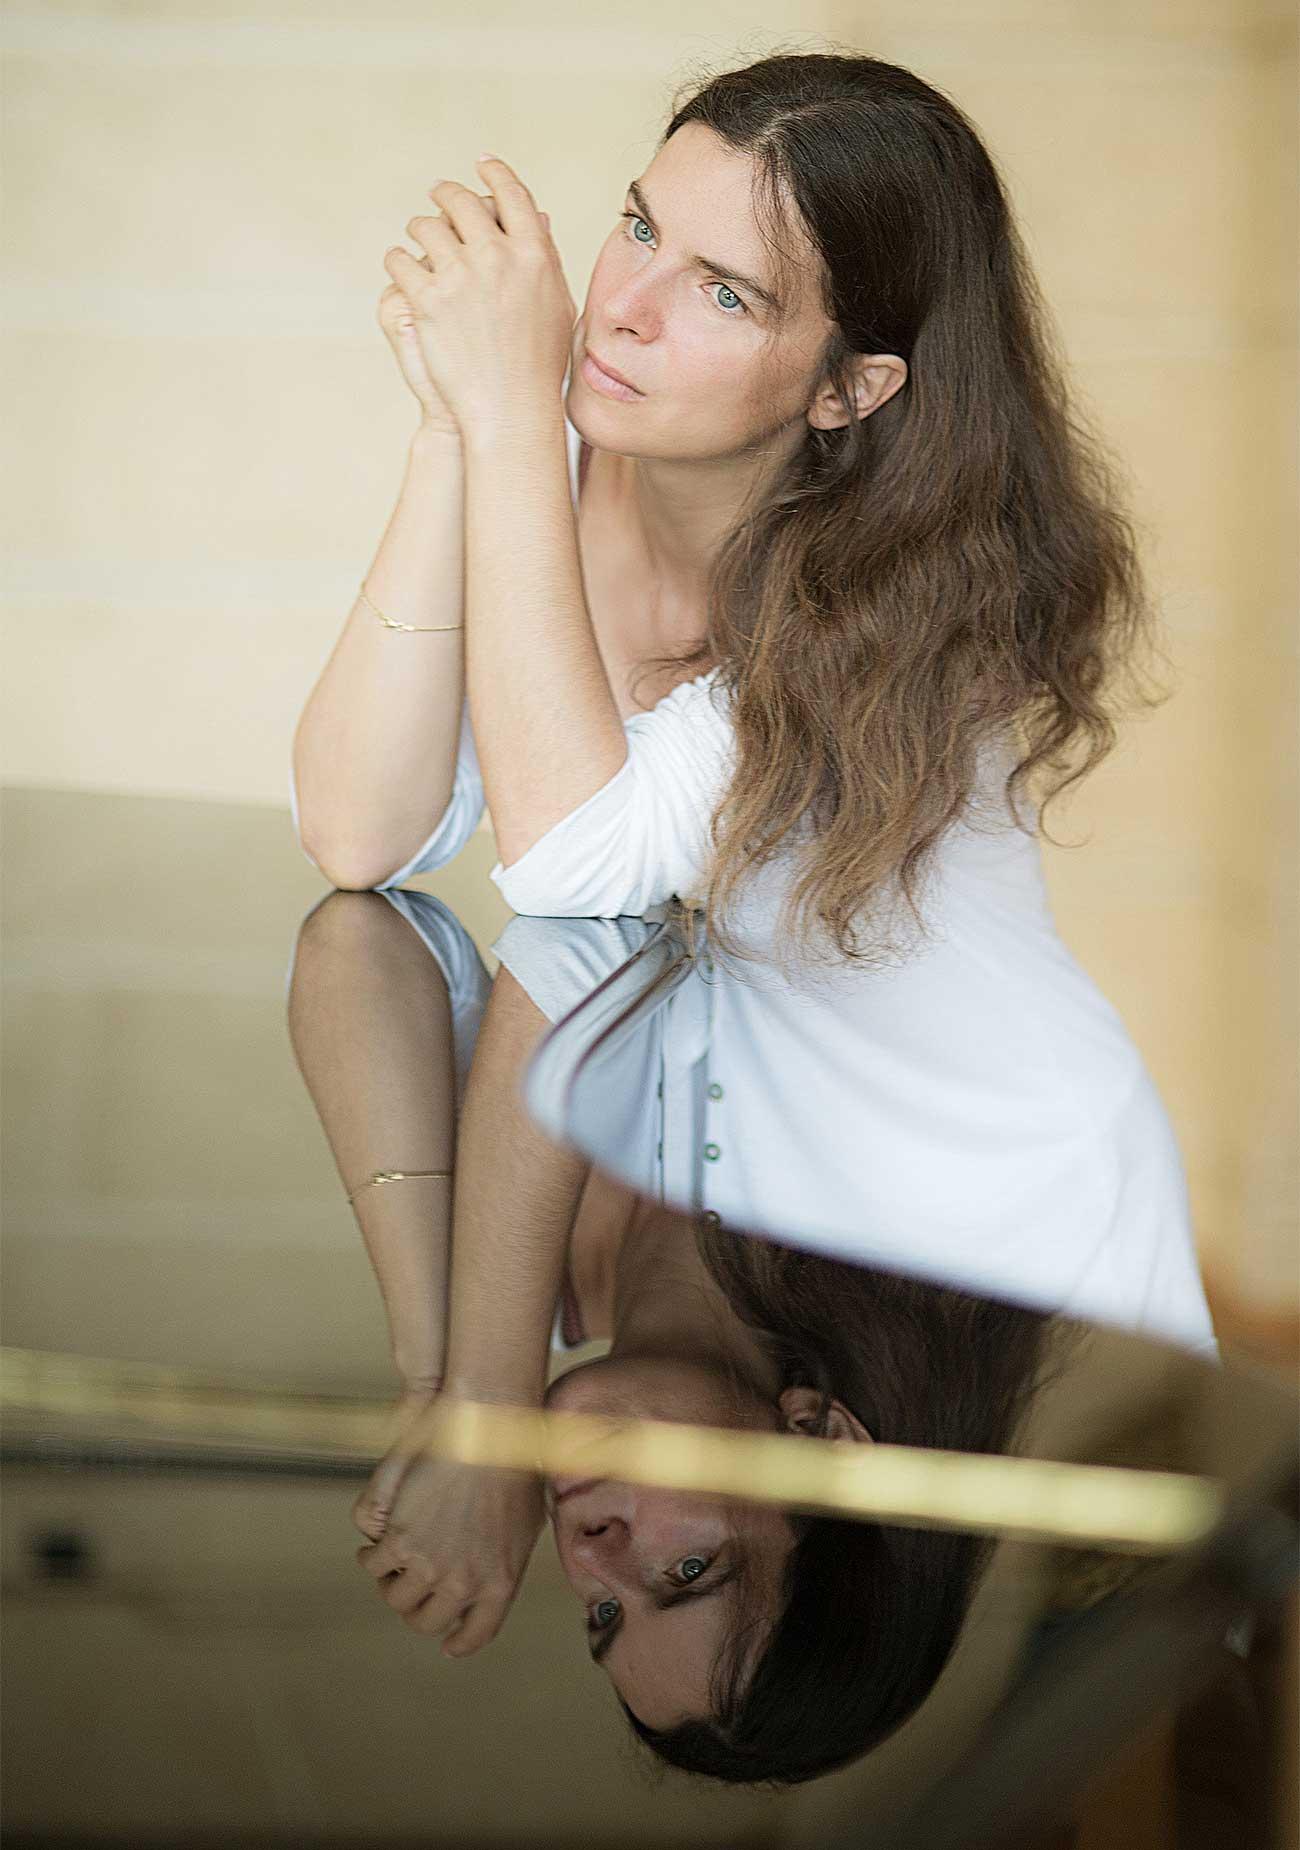 Klaviergeheimnisse mit Alice di Piazza